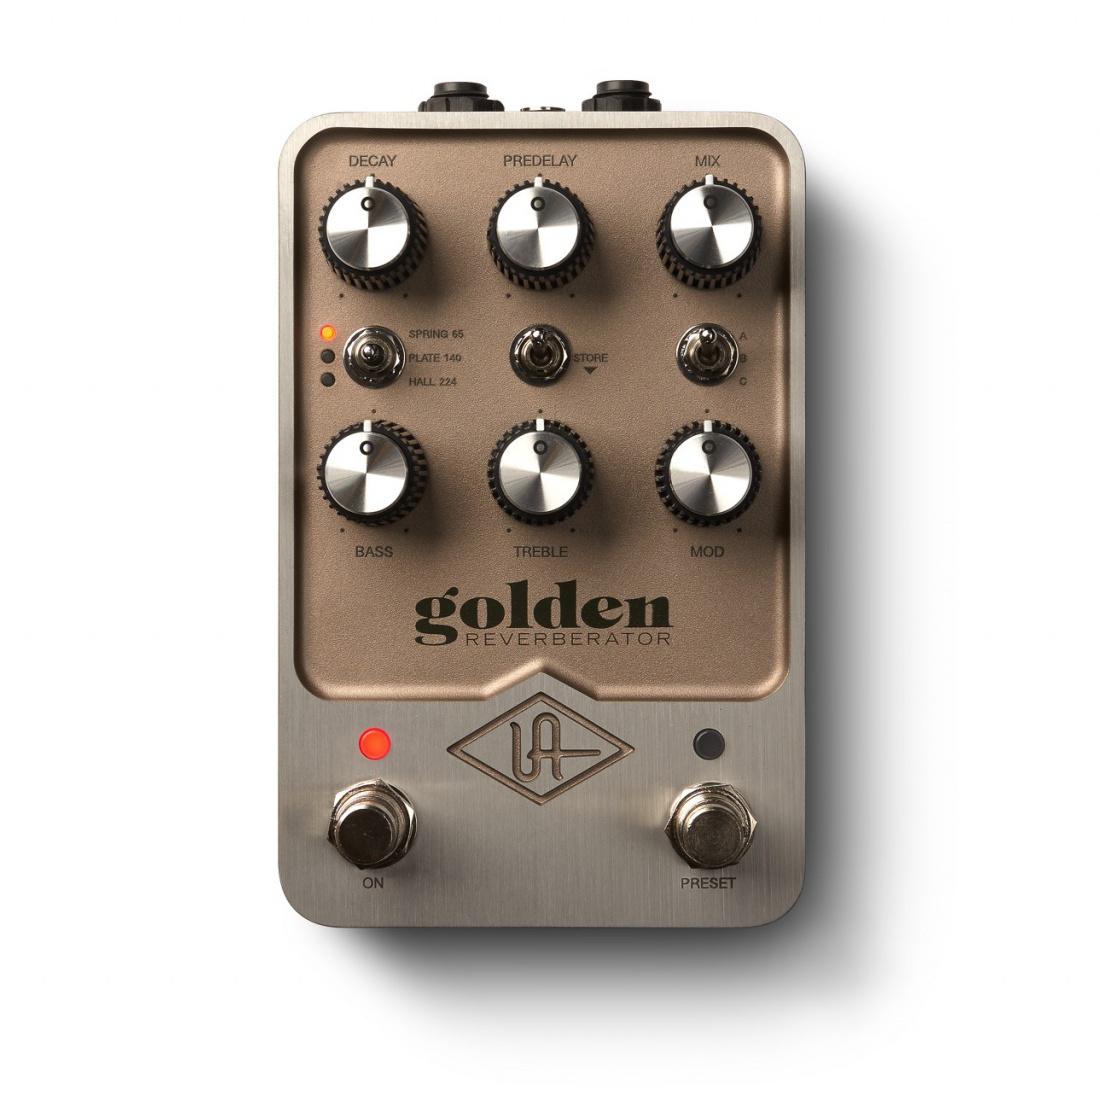 Golden Reverberator